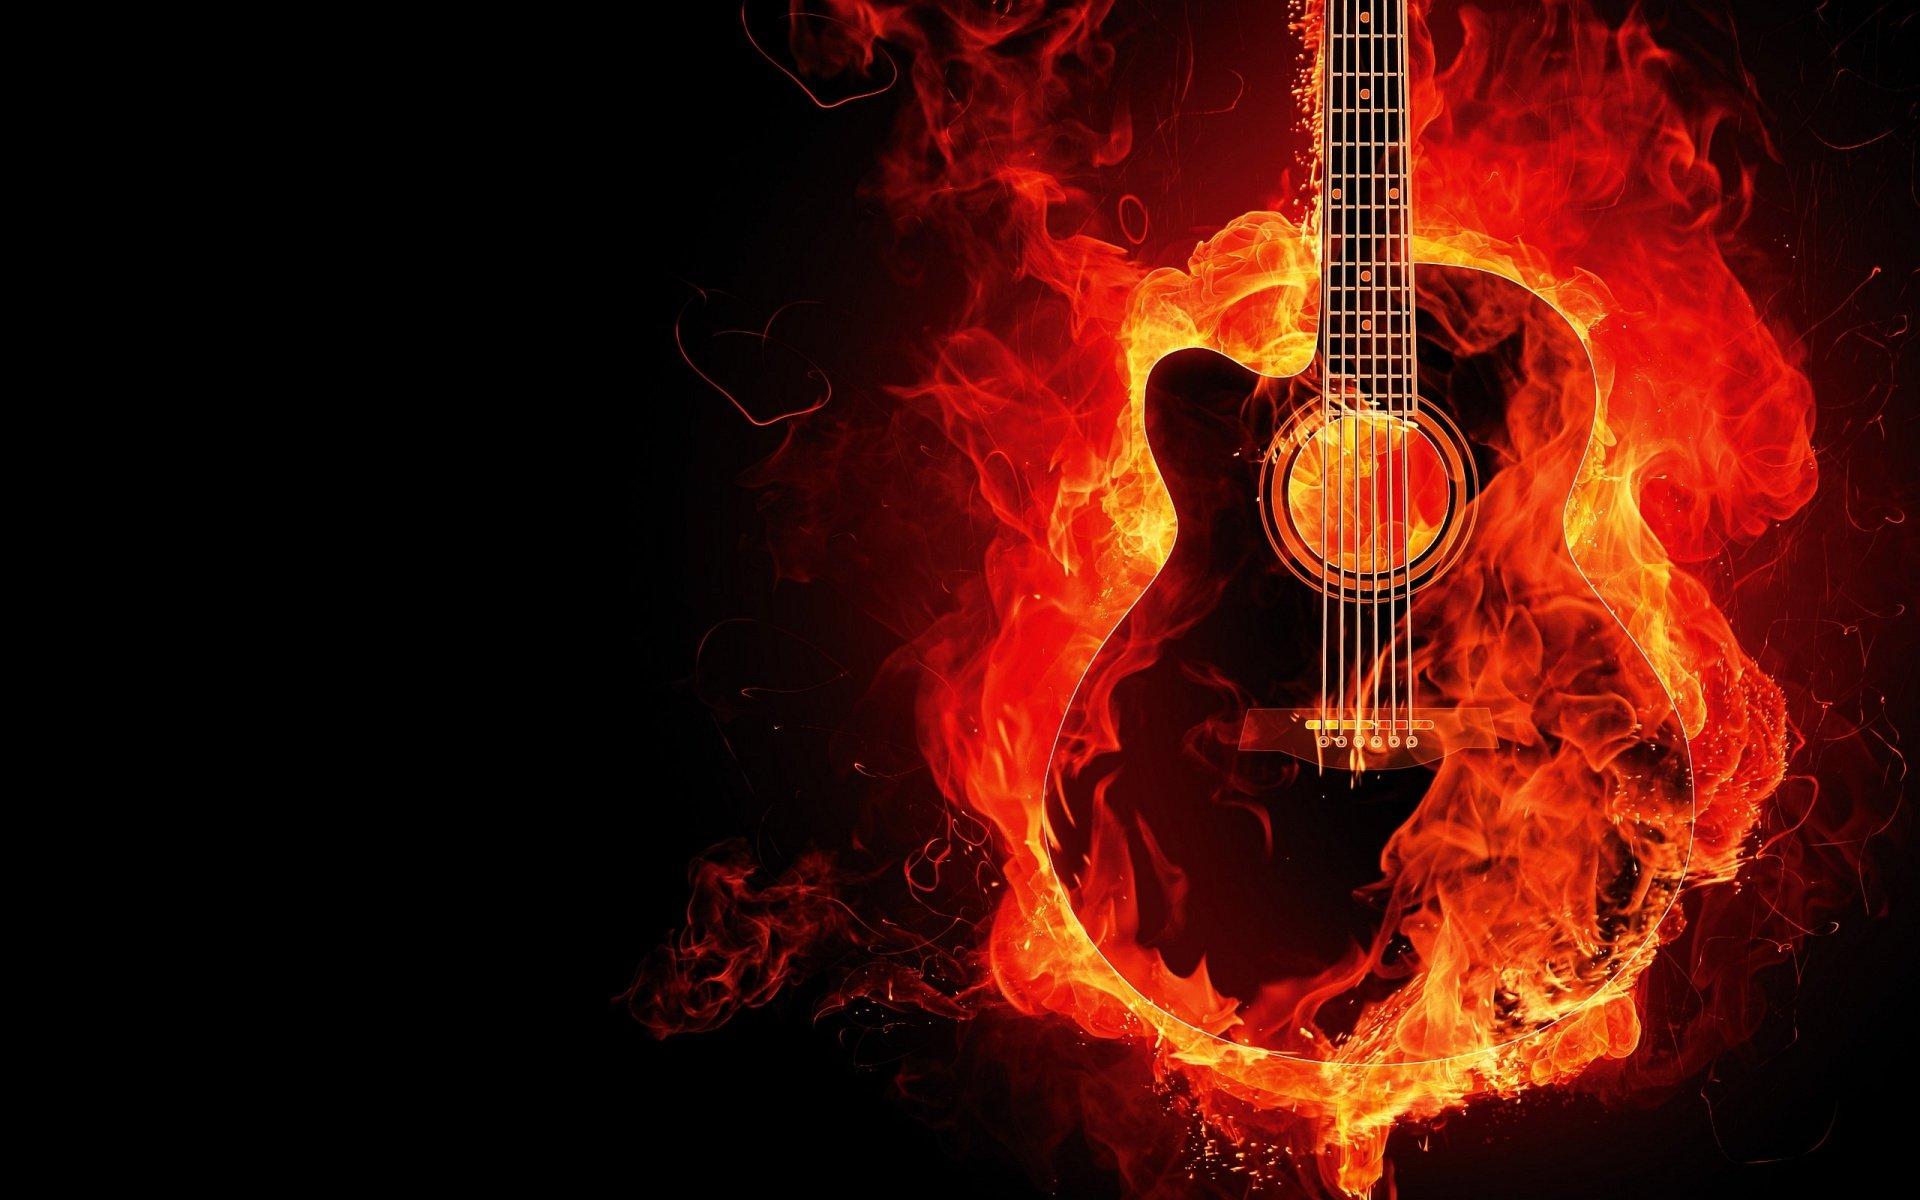 Love Guitar Wallpapers : cool Guitar Wallpapers - WallpaperSafari